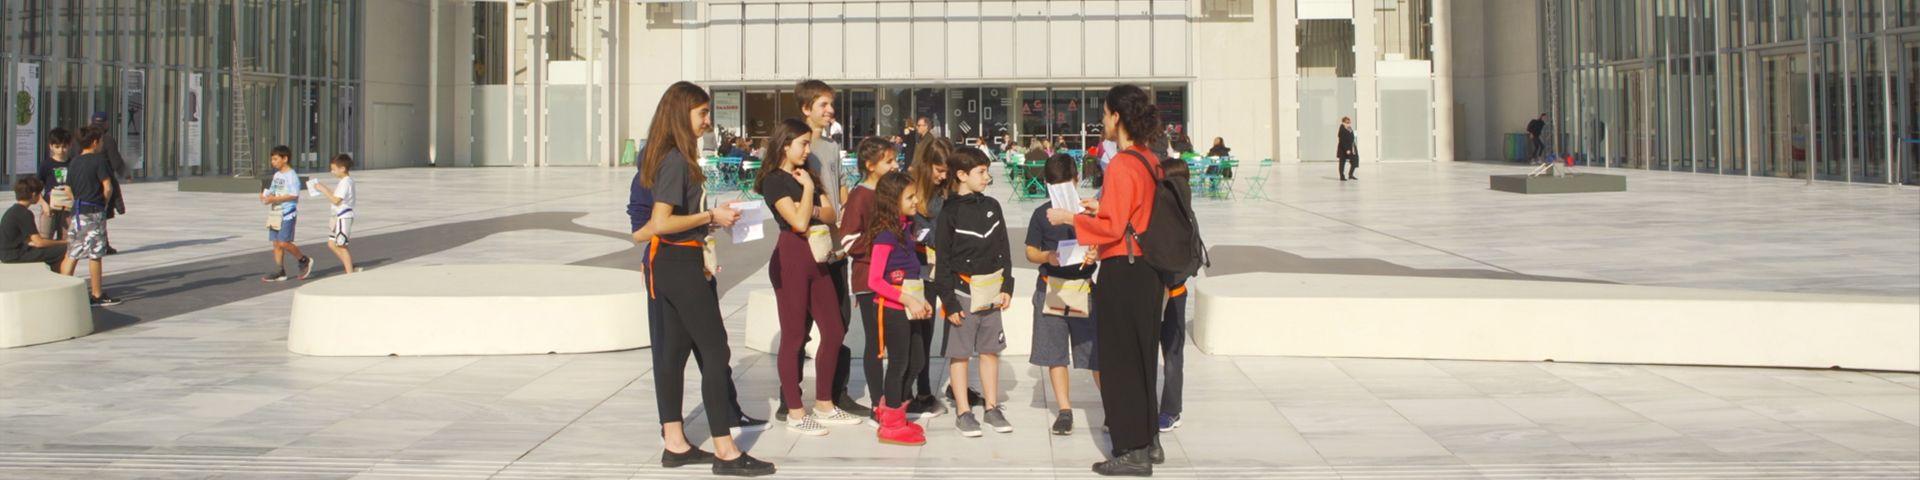 Φωτογραφία με μαθητές που συμμετέχουν σε εκπαιδευτικό πρόγραμμα στην Αγορά του ΚΠΙΣΝ